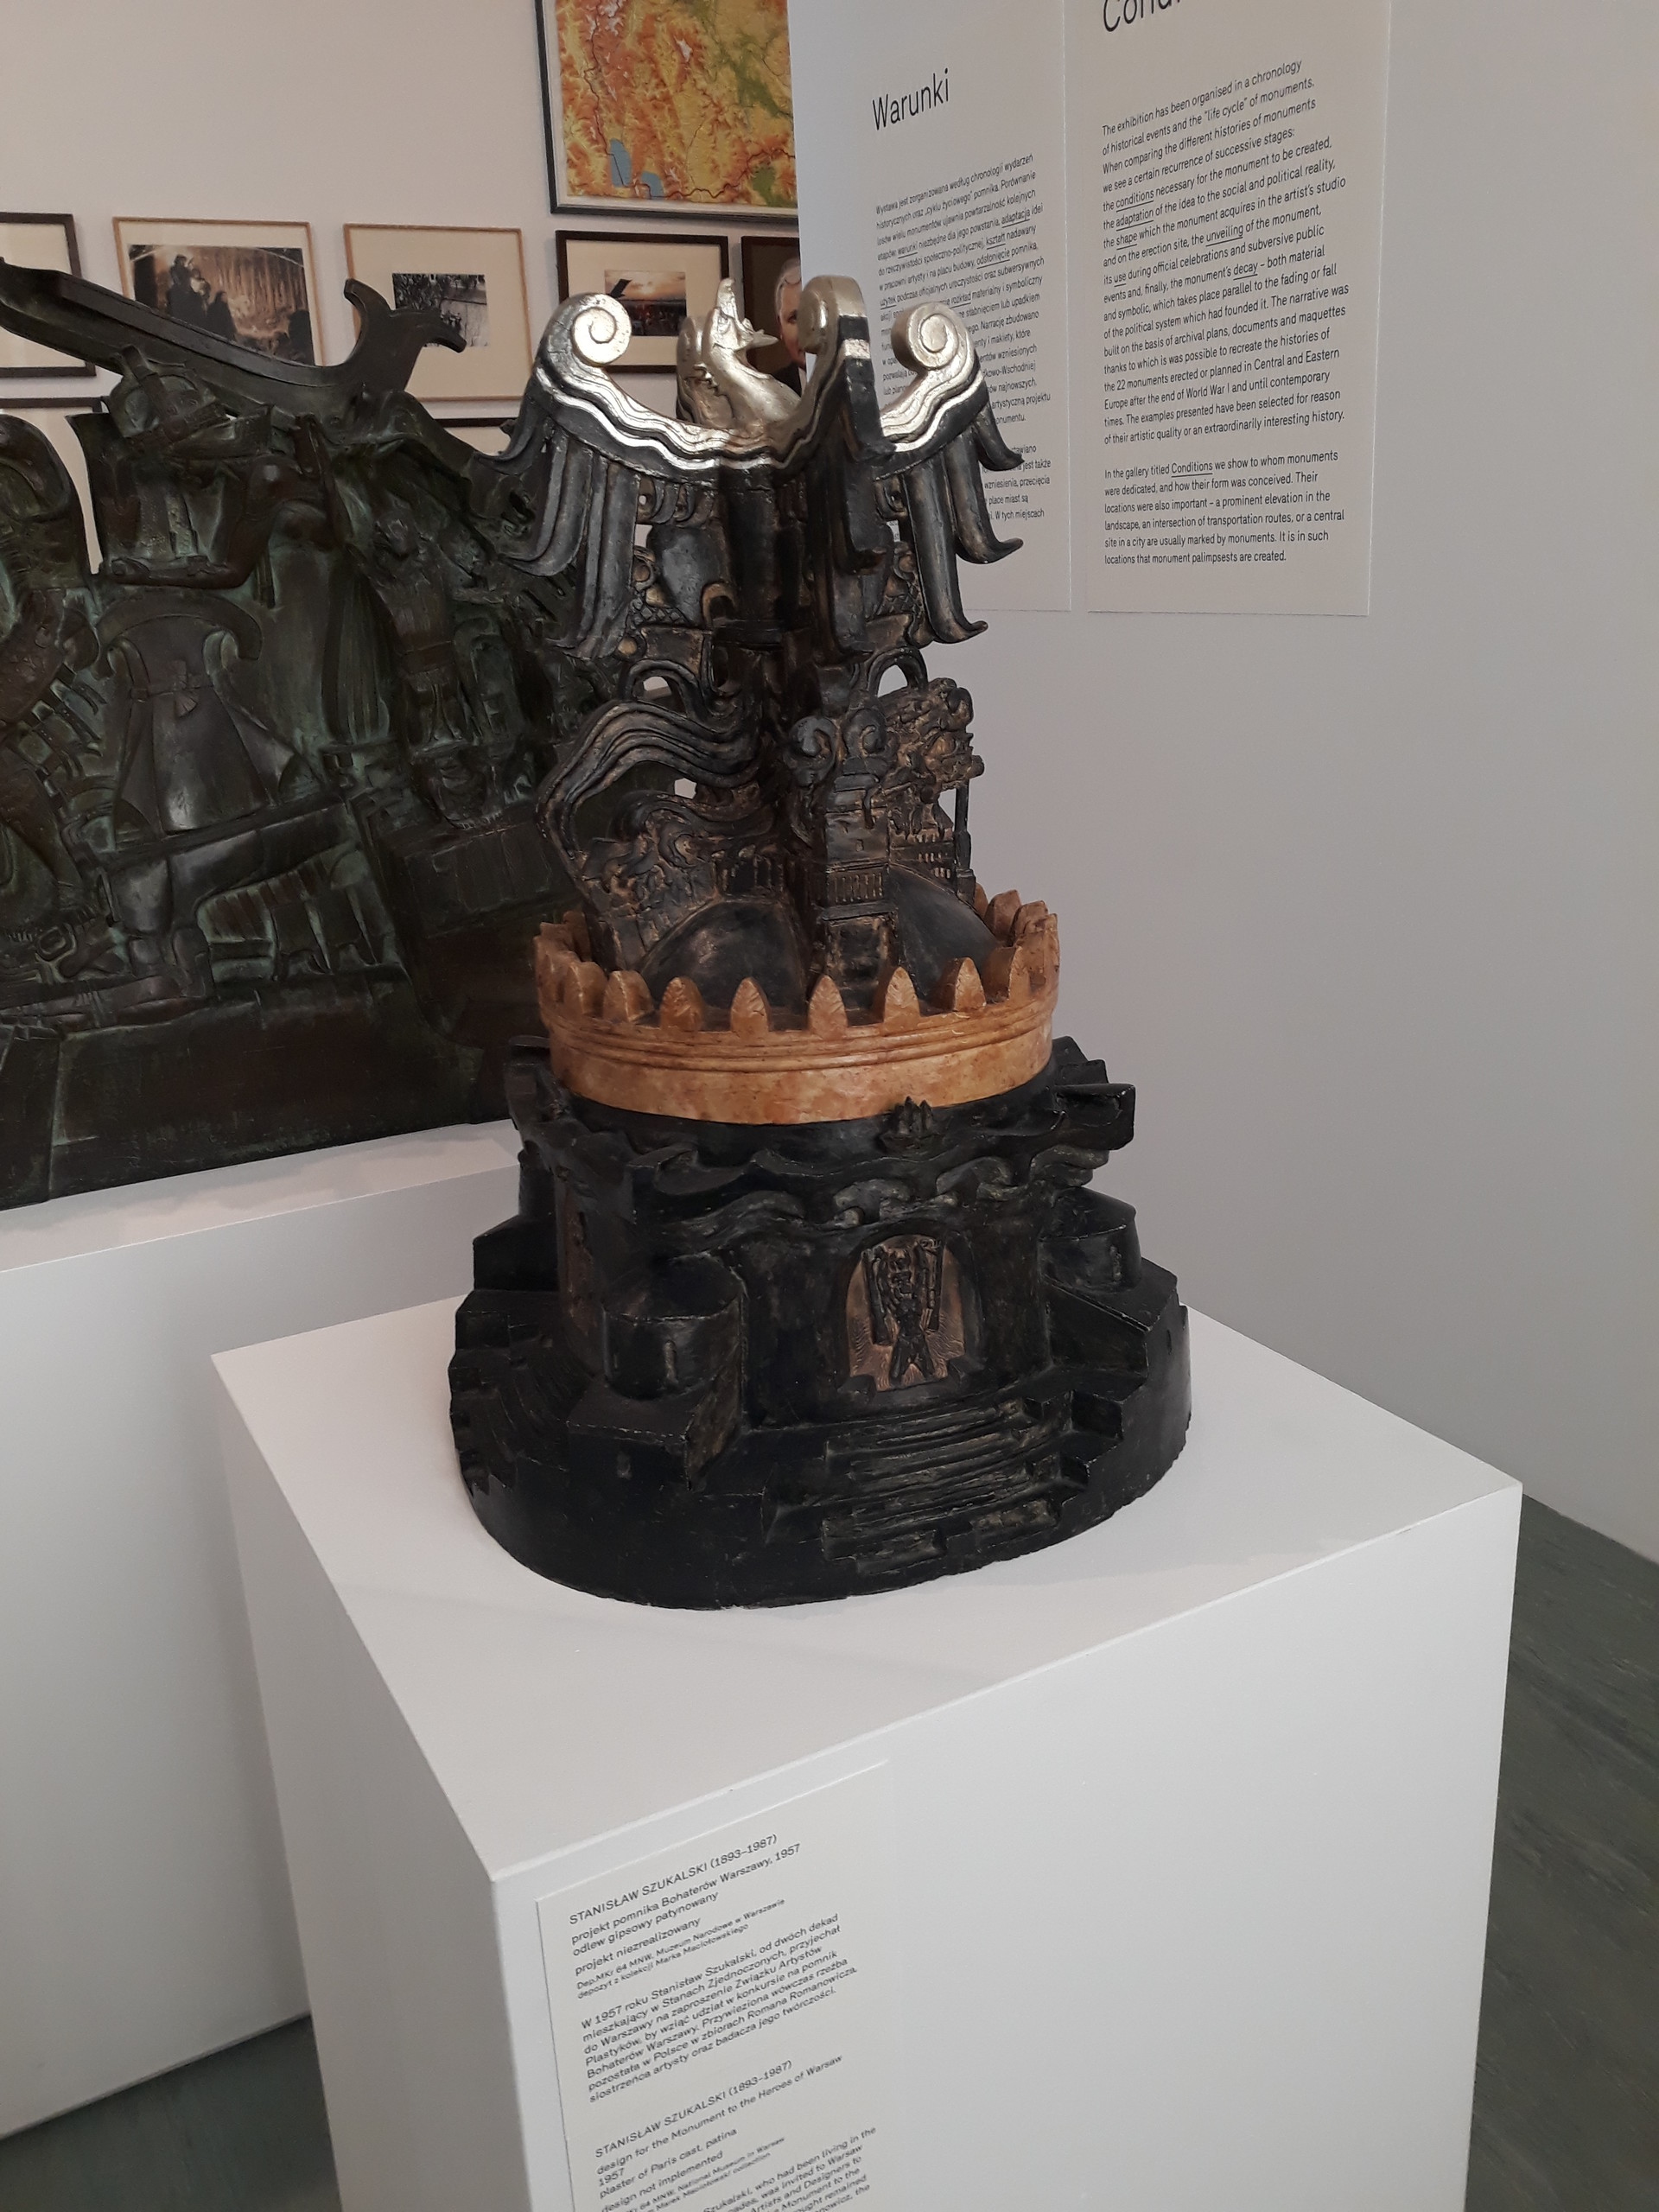 Muzeum Rzeźby im. Xawerego Dunikowskiego